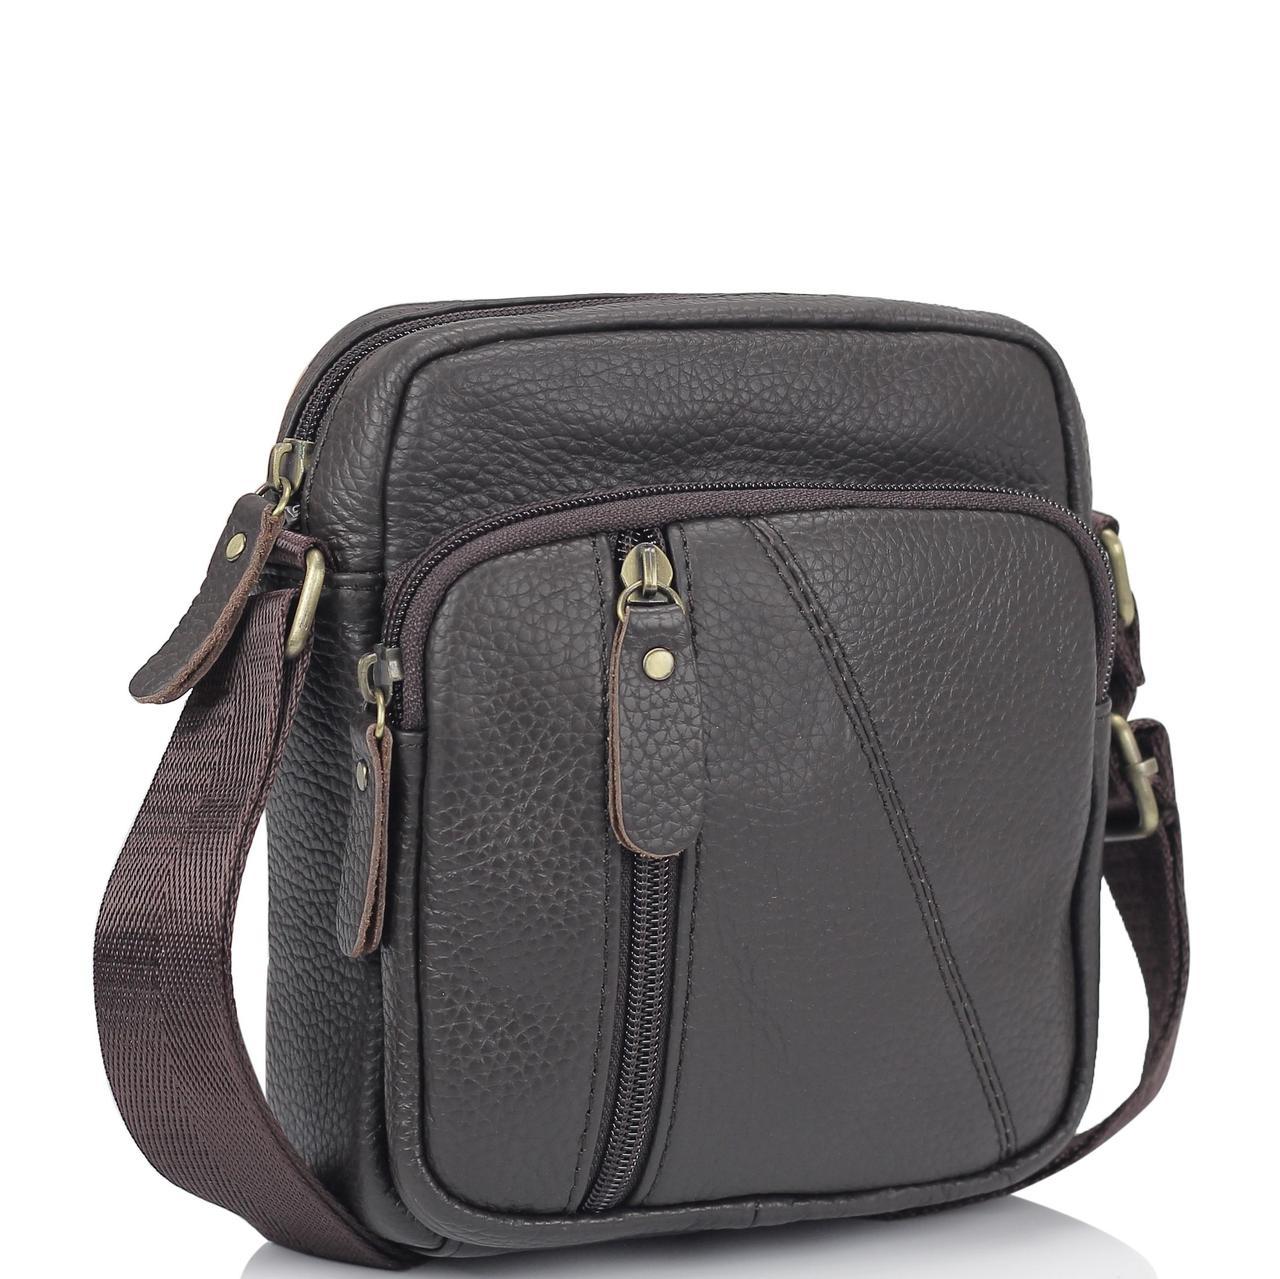 Мужская кожаная сумка коричневая через плечо Tiding Bag N2-1008DB